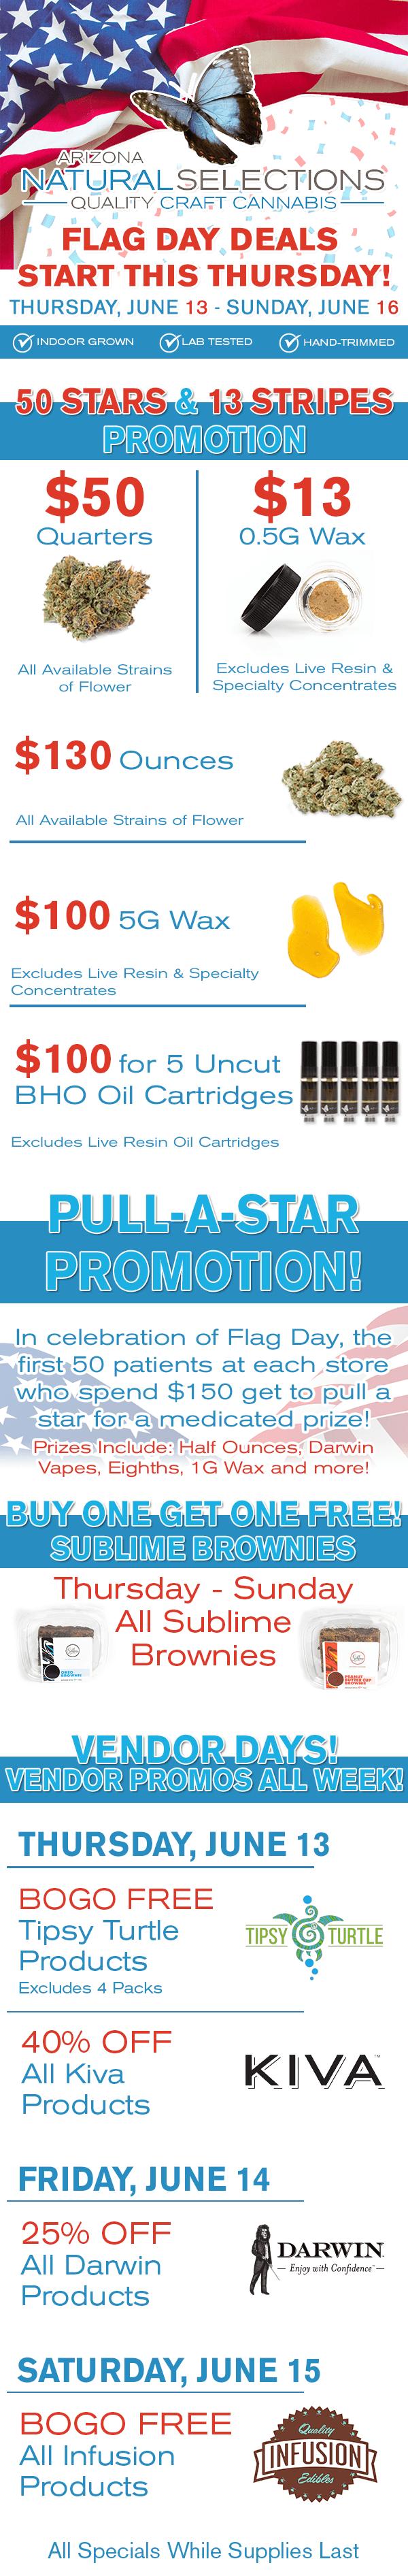 50 Stars & 13 Stripes Promotion (Thursday – Sunday)